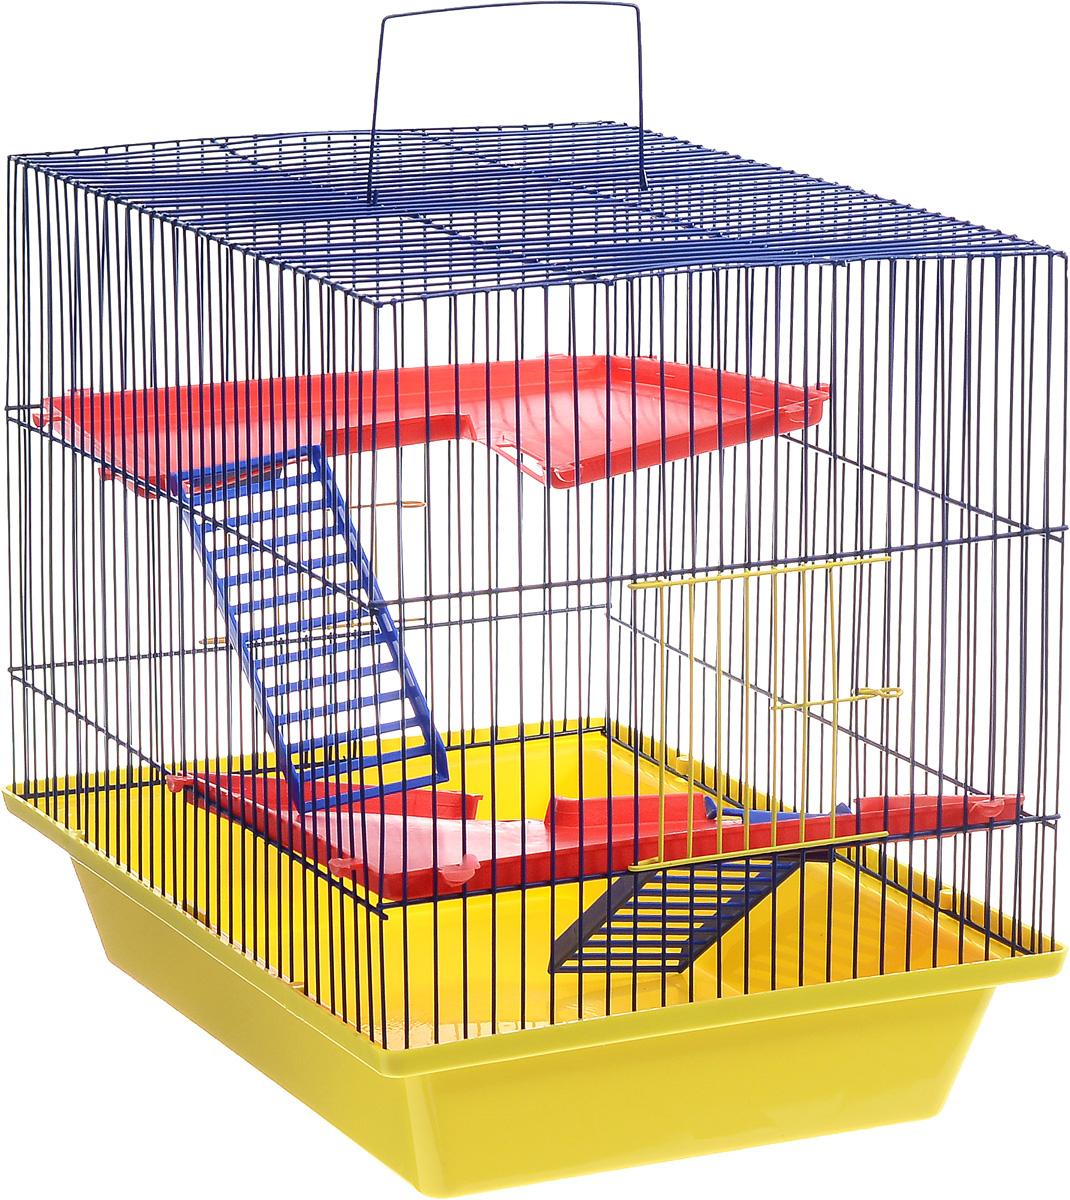 Клетка для грызунов ЗооМарк Гризли, 3-этажная, цвет: желтый поддон, синяя решетка, красные этажи, 41 х 30 х 36 см230ЖСКлетка ЗооМарк Гризли, выполненная из полипропилена и металла, подходит для мелких грызунов. Изделие трехэтажное. Клетка имеет яркий поддон, удобна в использовании и легко чистится. Сверху имеется ручка для переноски. Такая клетка станет уединенным личным пространством и уютным домиком для маленького грызуна.